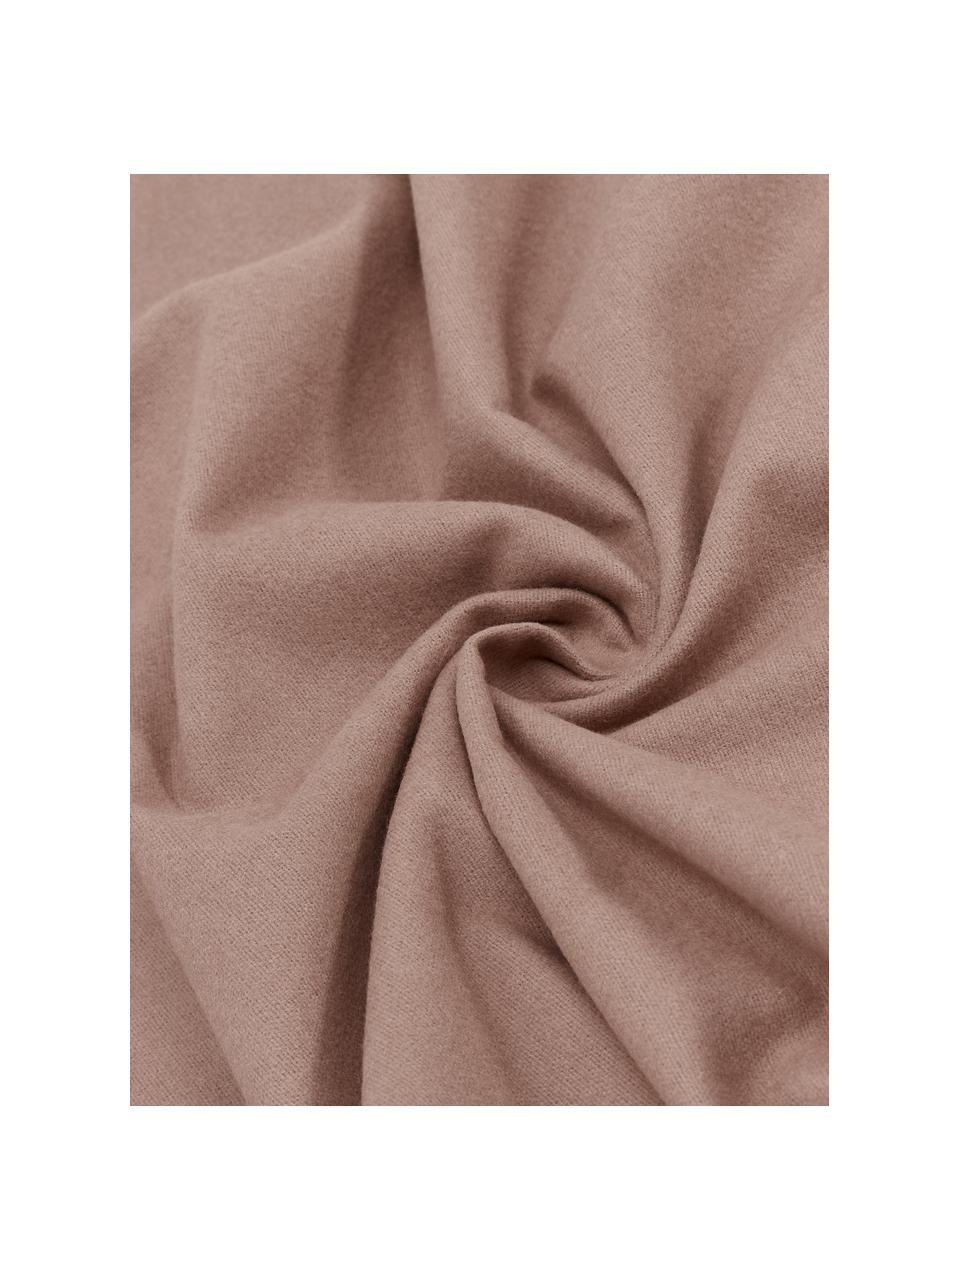 Flanell-Bettwäsche Biba in Braun, Webart: Flanell Flanell ist ein k, Braun, 135 x 200 cm + 1 Kissen 80 x 80 cm